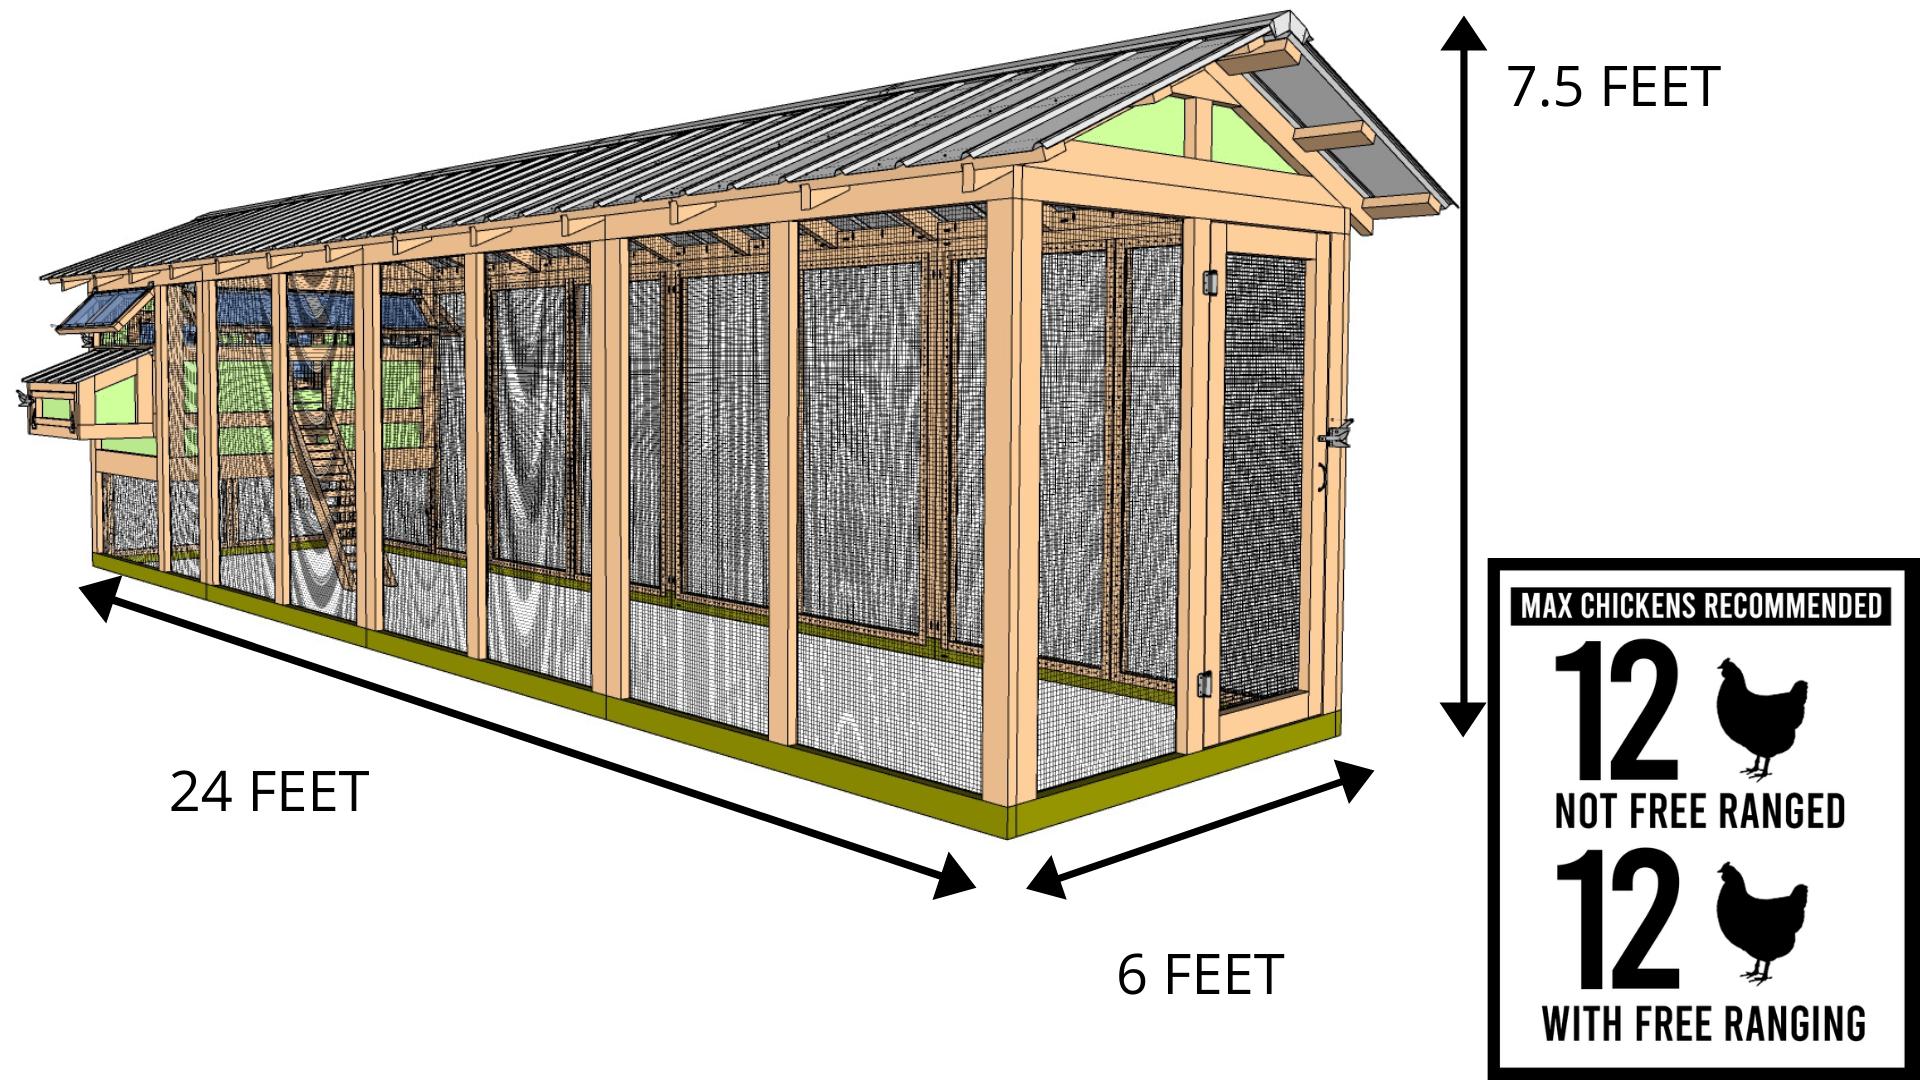 6'x24' American Coop with 4'x6' henhouse